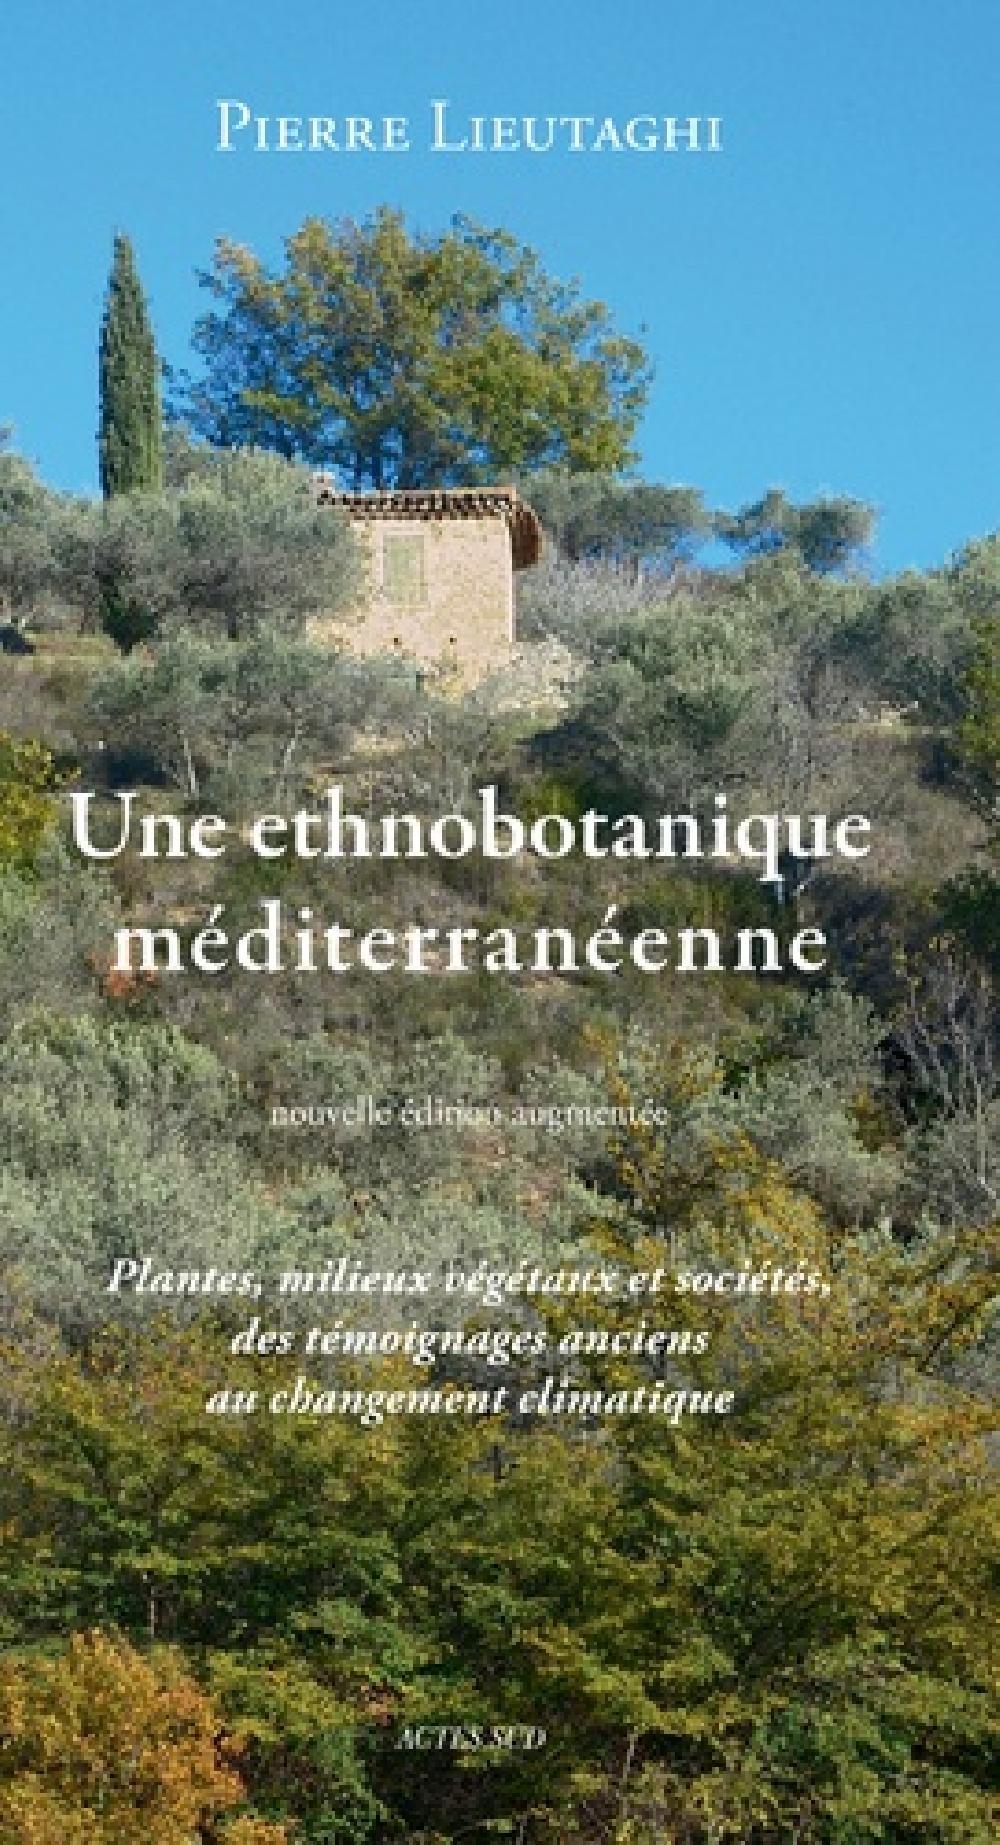 Une ethnobotanique méditerranéenne - Plantes, milieux végétaux et sociétés, des témoignages anciens